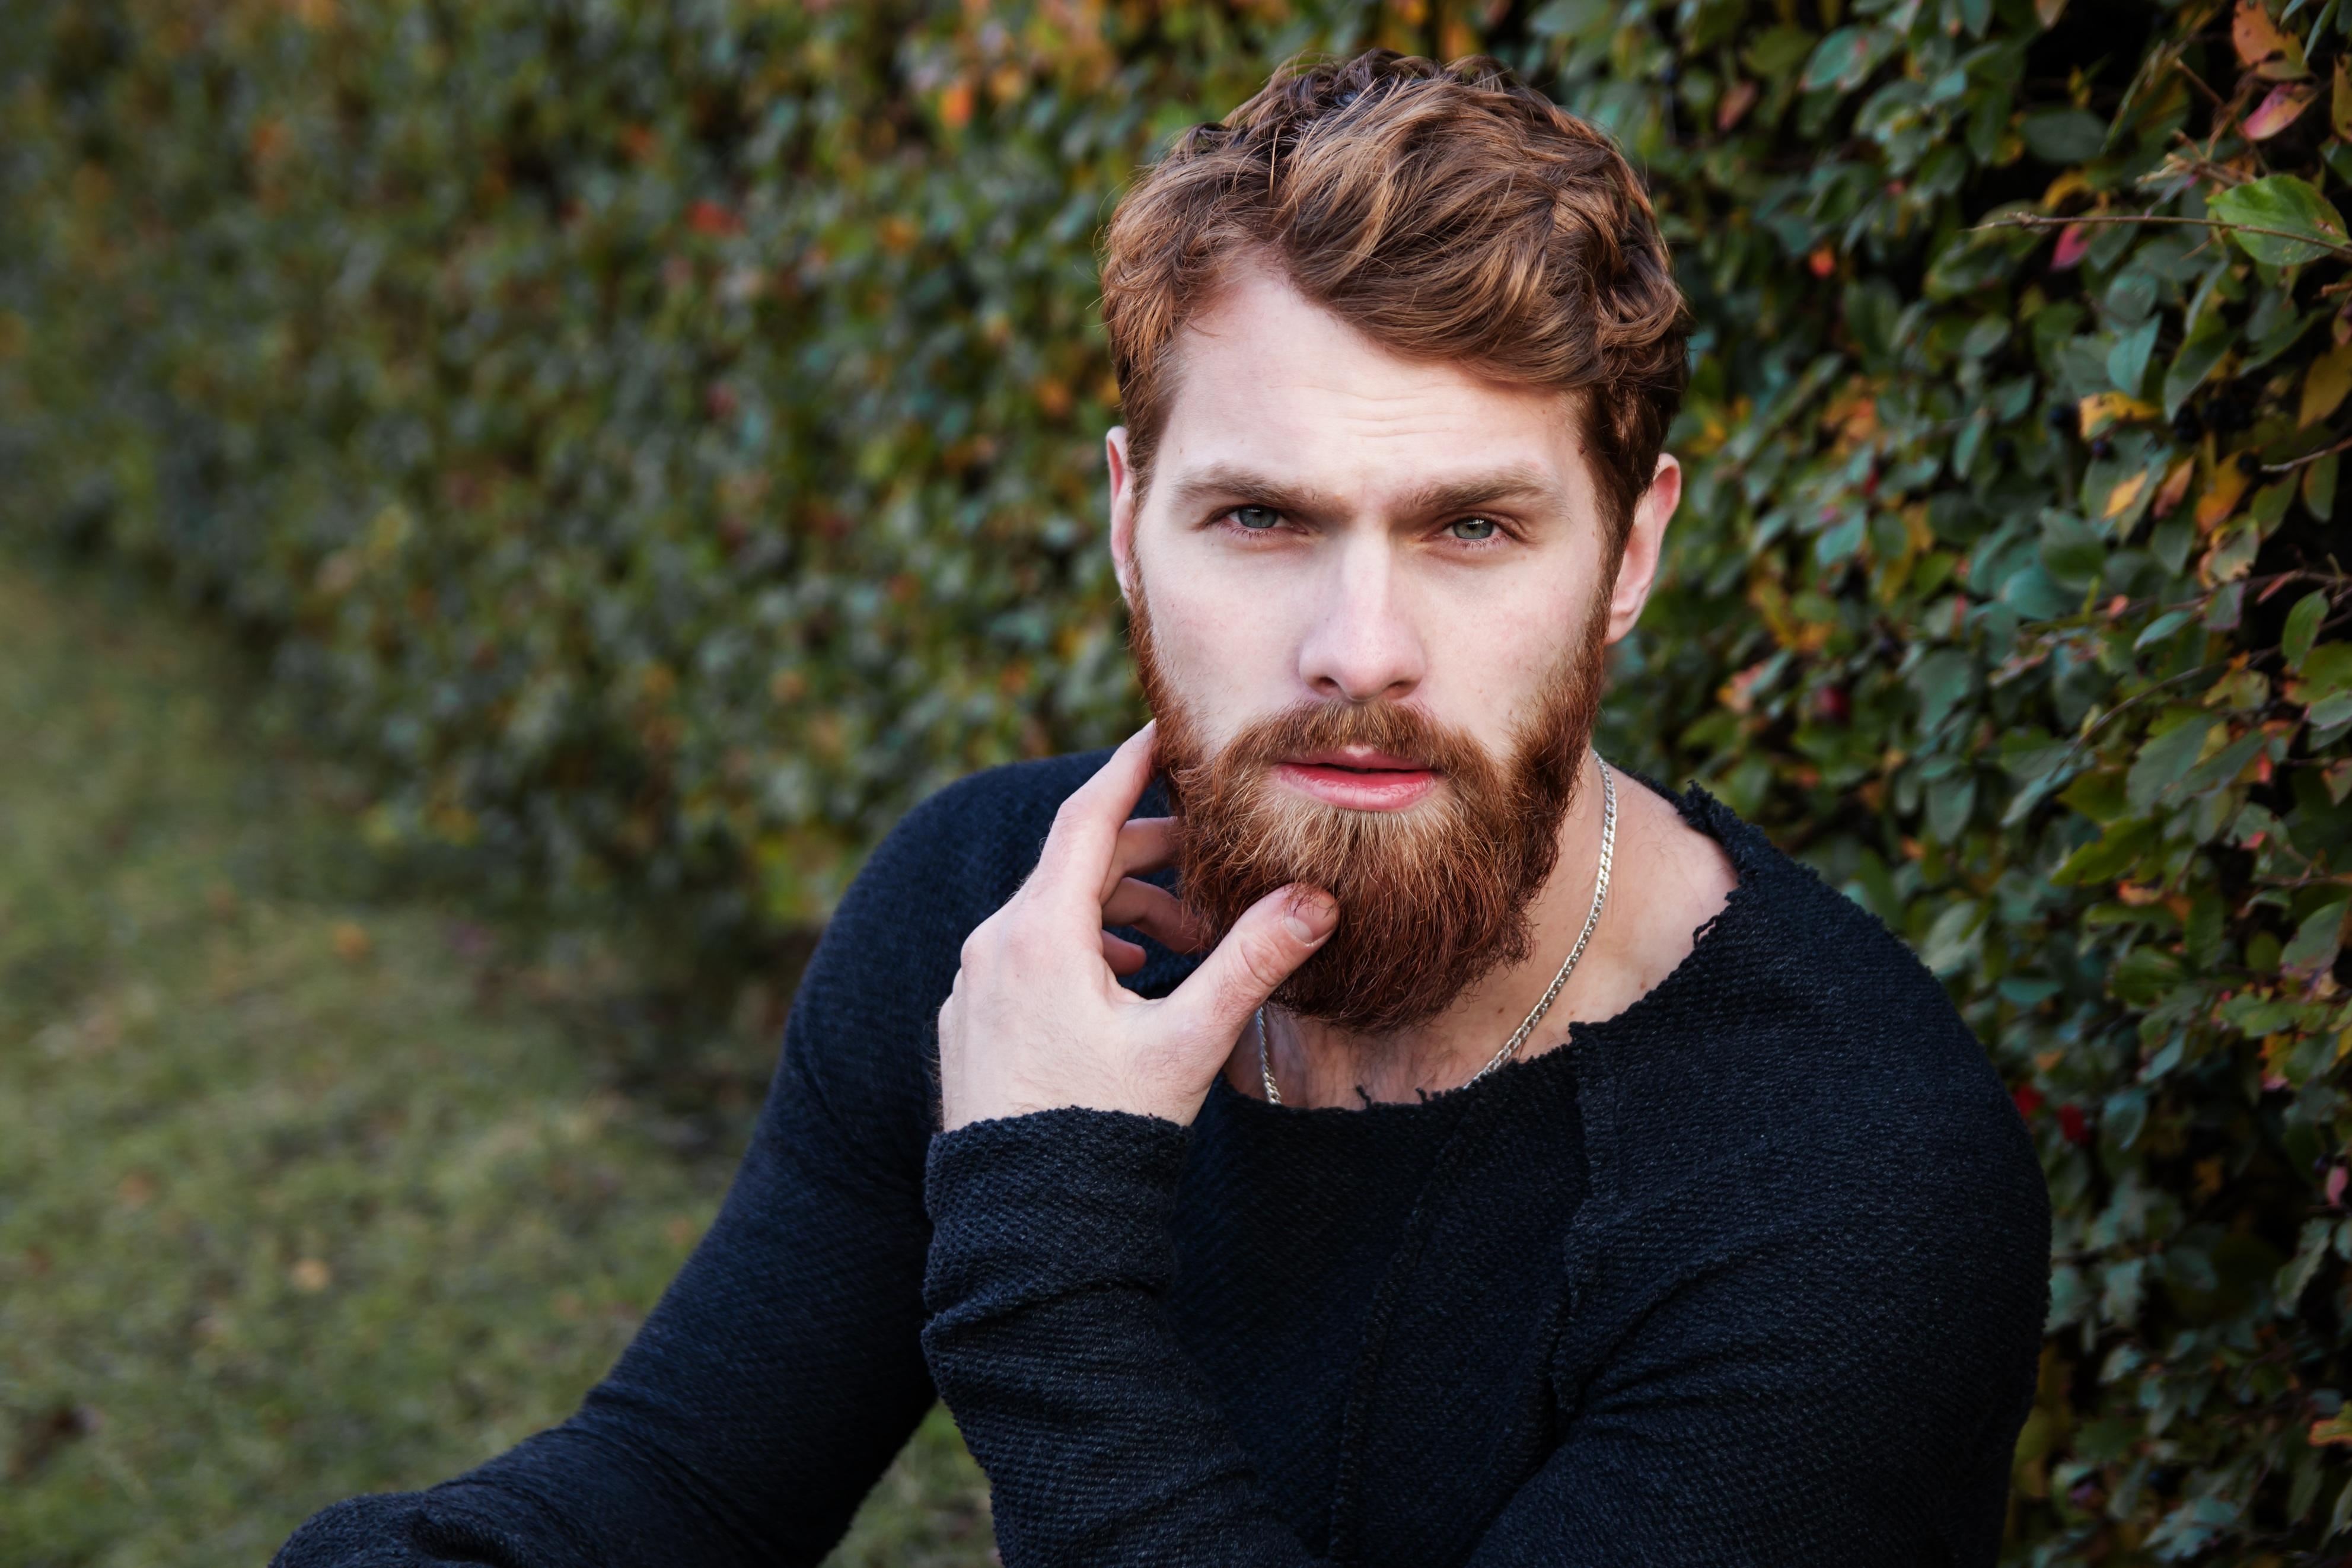 Mannerfrisuren 2018 Das Tragt Der Gentleman Unique Friseure Munchen